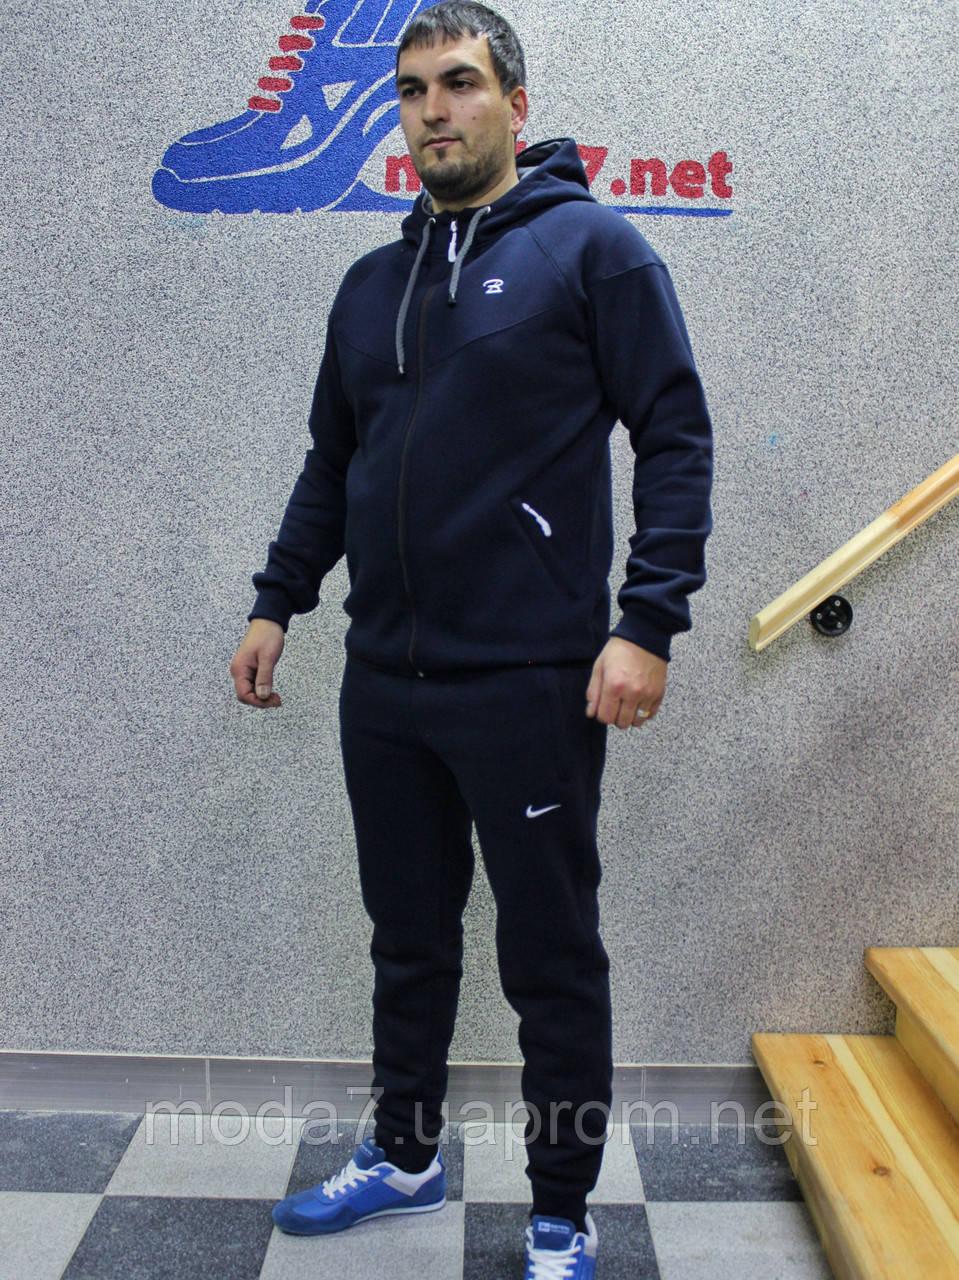 bd748b9e Мужской Утепленный Спортивный Костюм Nike Турция Реплика — в ...